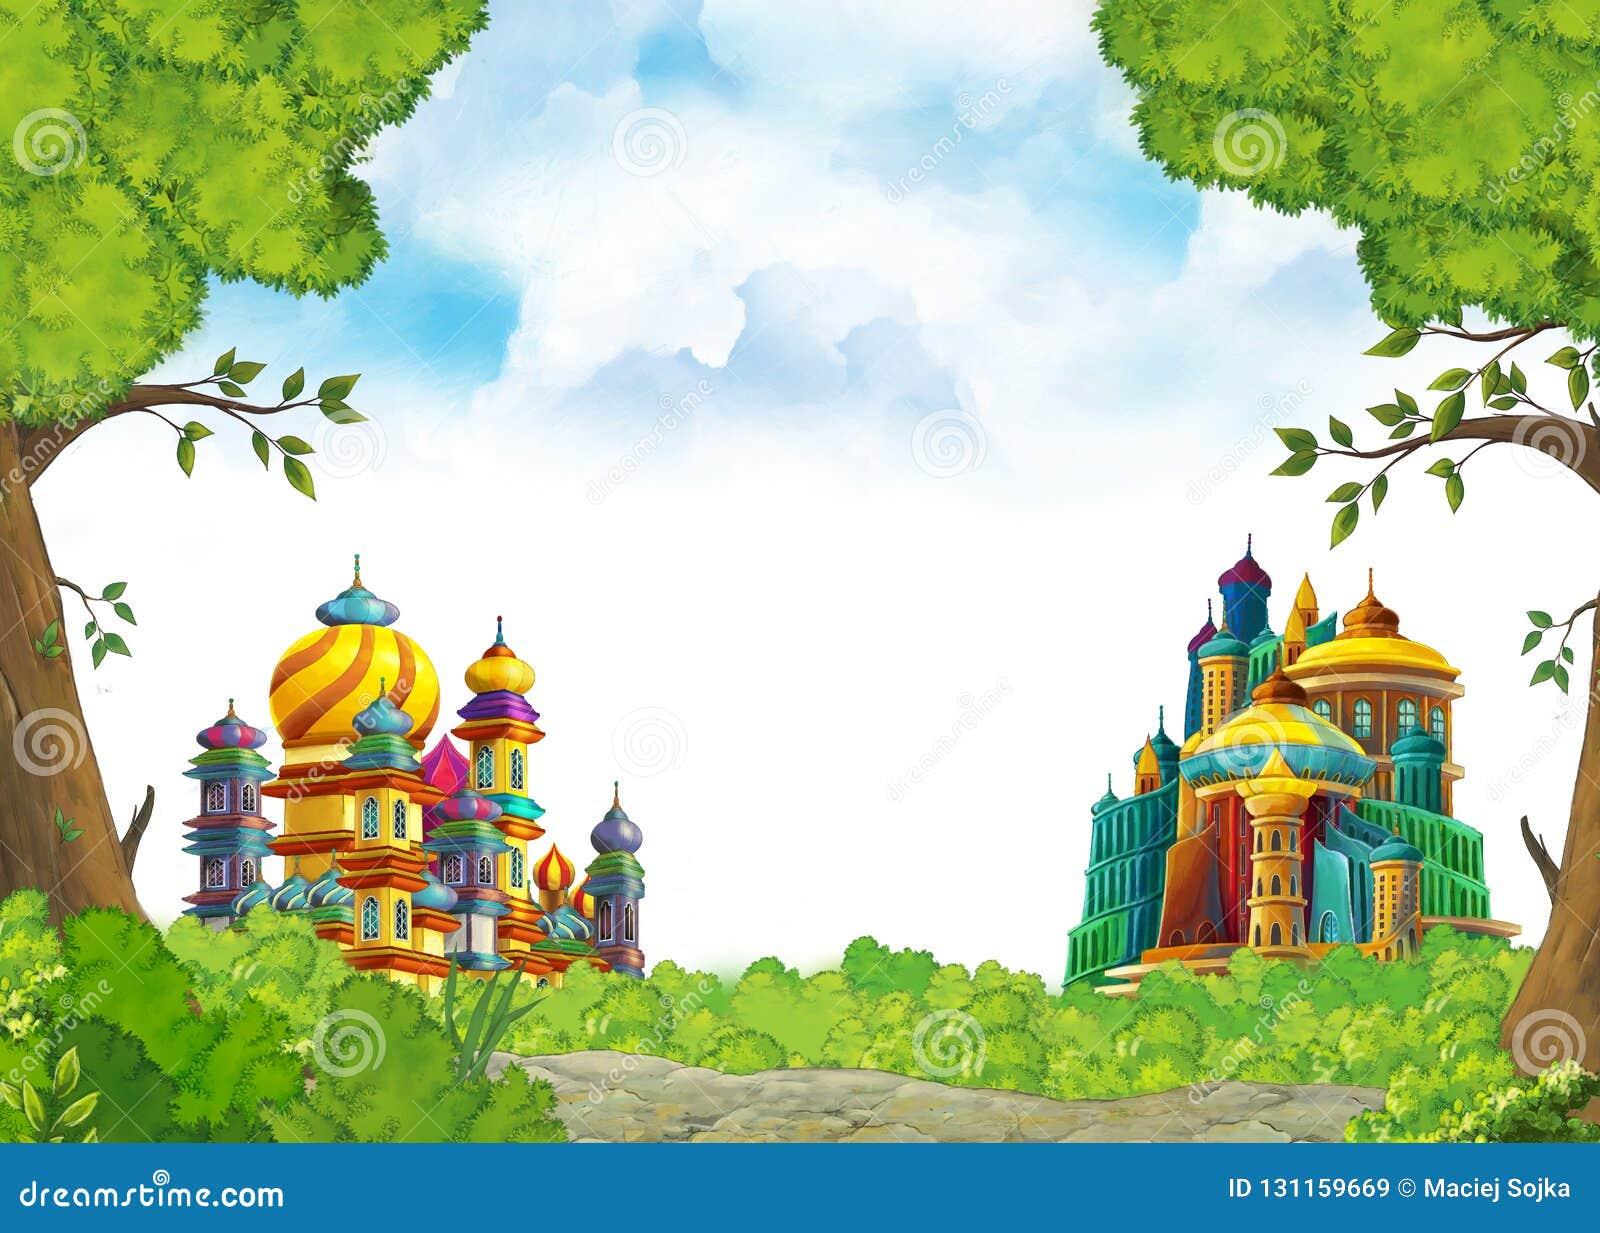 Cena com os castelos medievais bonitos - reino dos desenhos animados de Extremo Oriente - com espaço para o texto